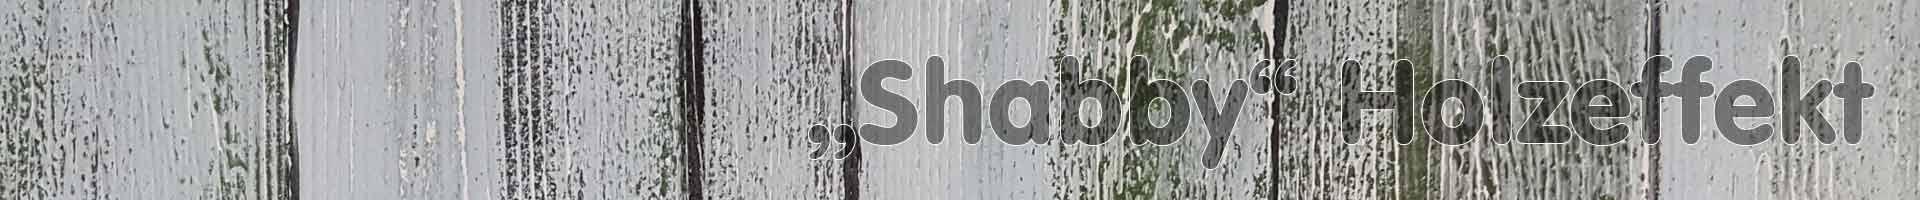 Shabby Holzeffekt